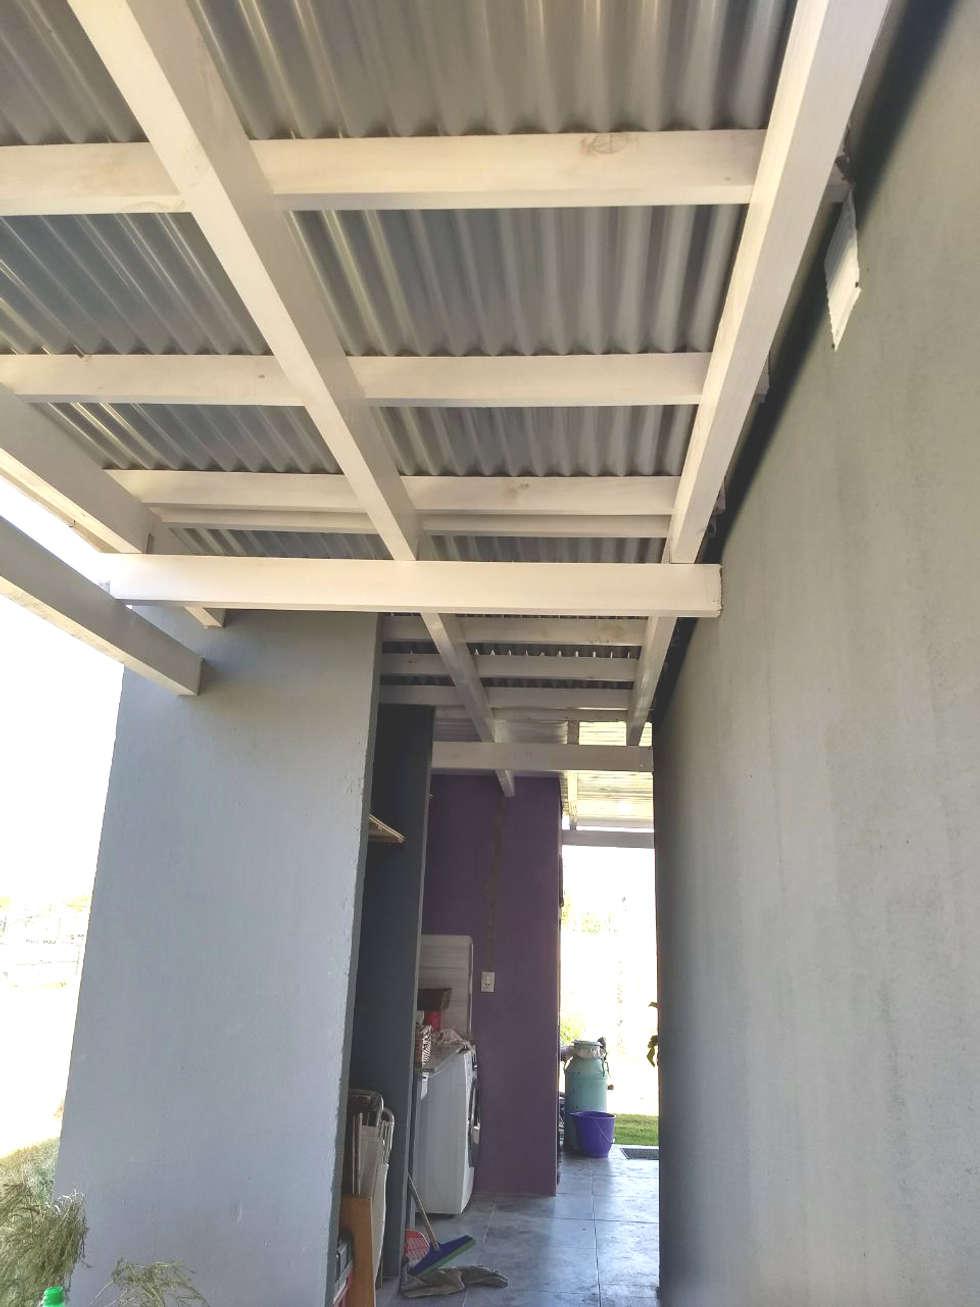 CUBIERTA DE CHAPA SOBRE PASILLO: Jardines de invierno de estilo clásico por ECOS DE SOL (Ingeniería y Construcción)